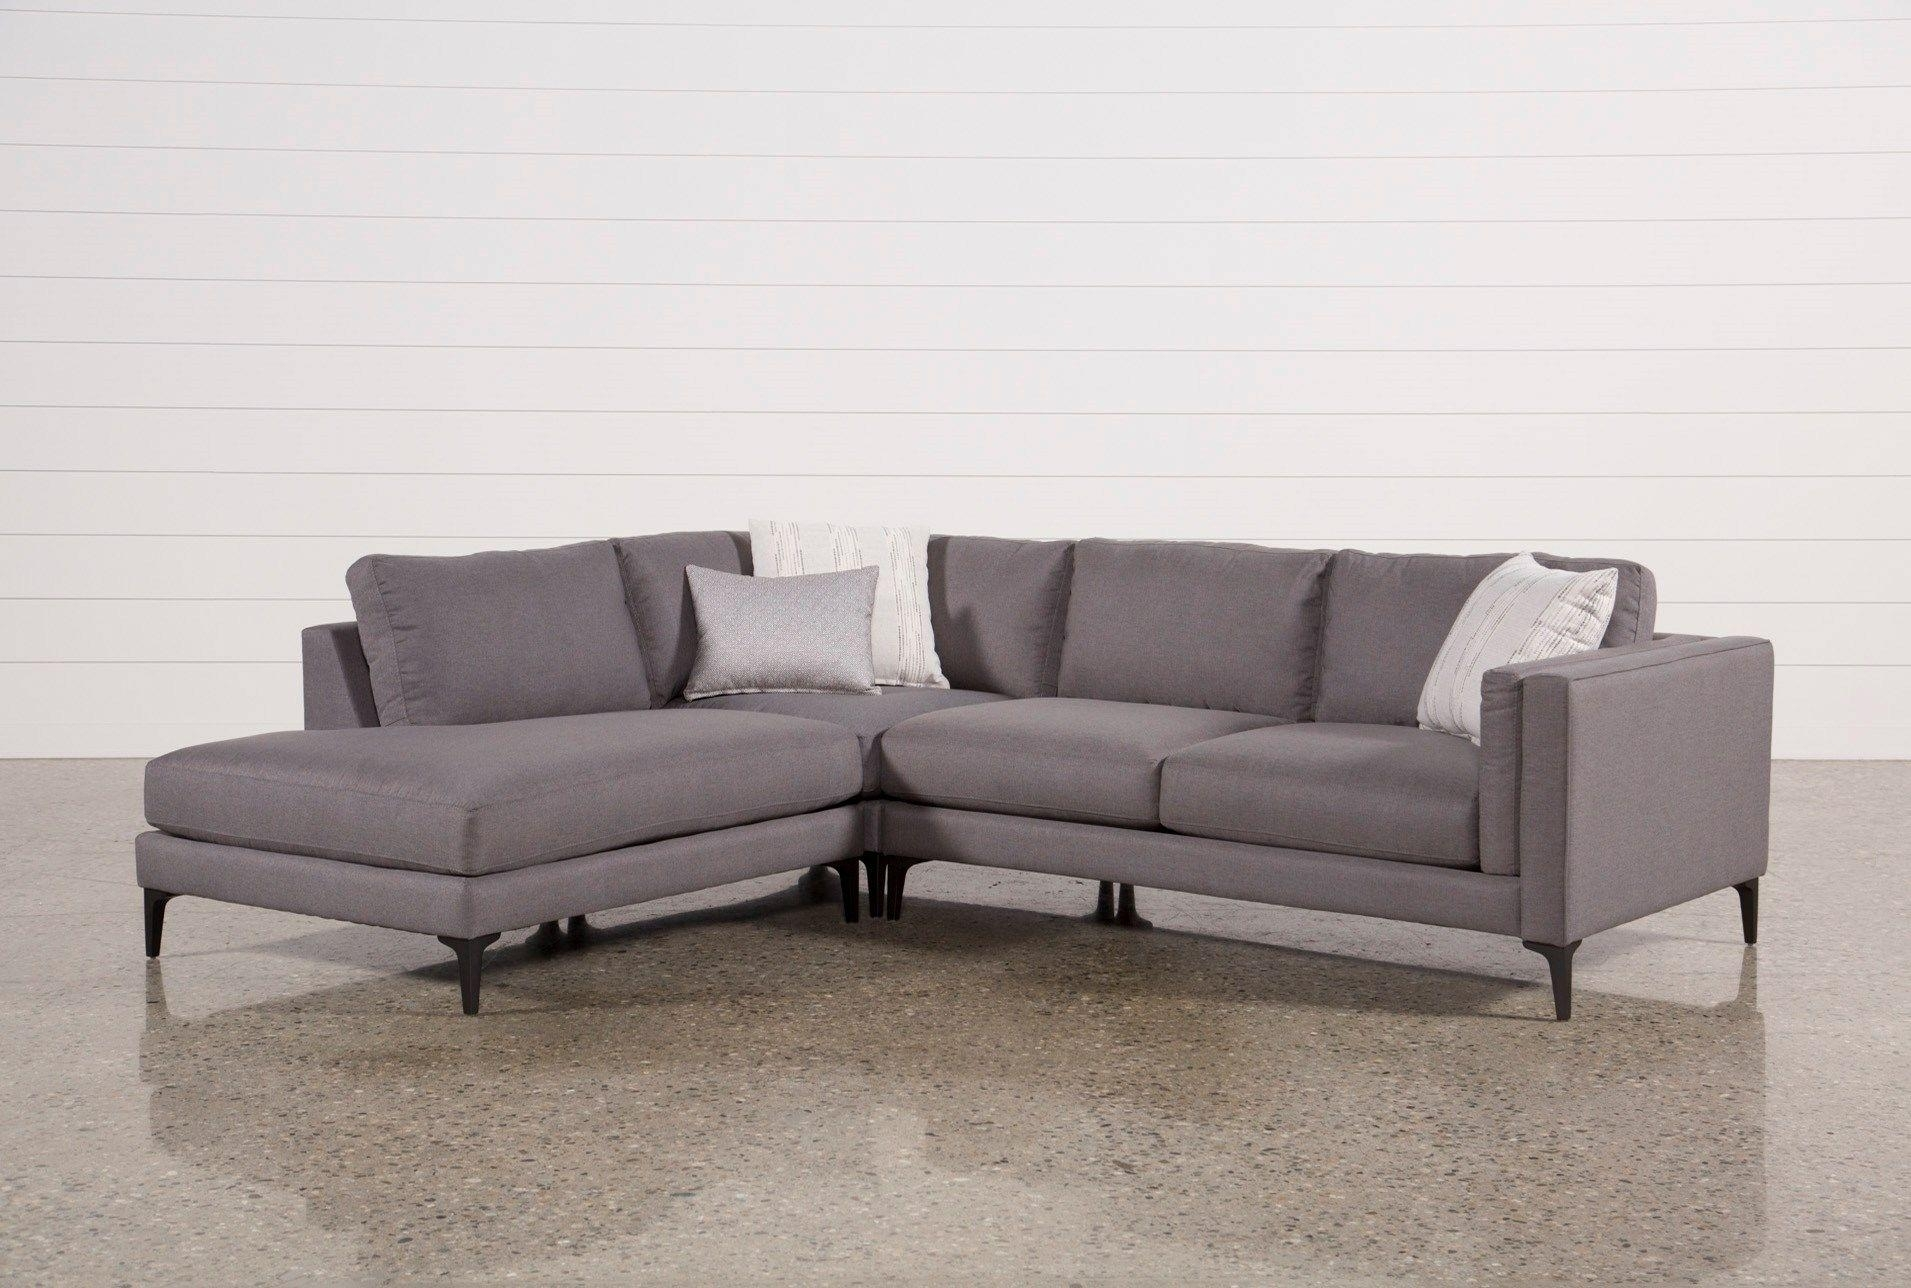 Furniture : Couch Seattle Fresh Alder 4 Piece Sectional Sofas With Seattle Sectional Sofas (Image 2 of 10)